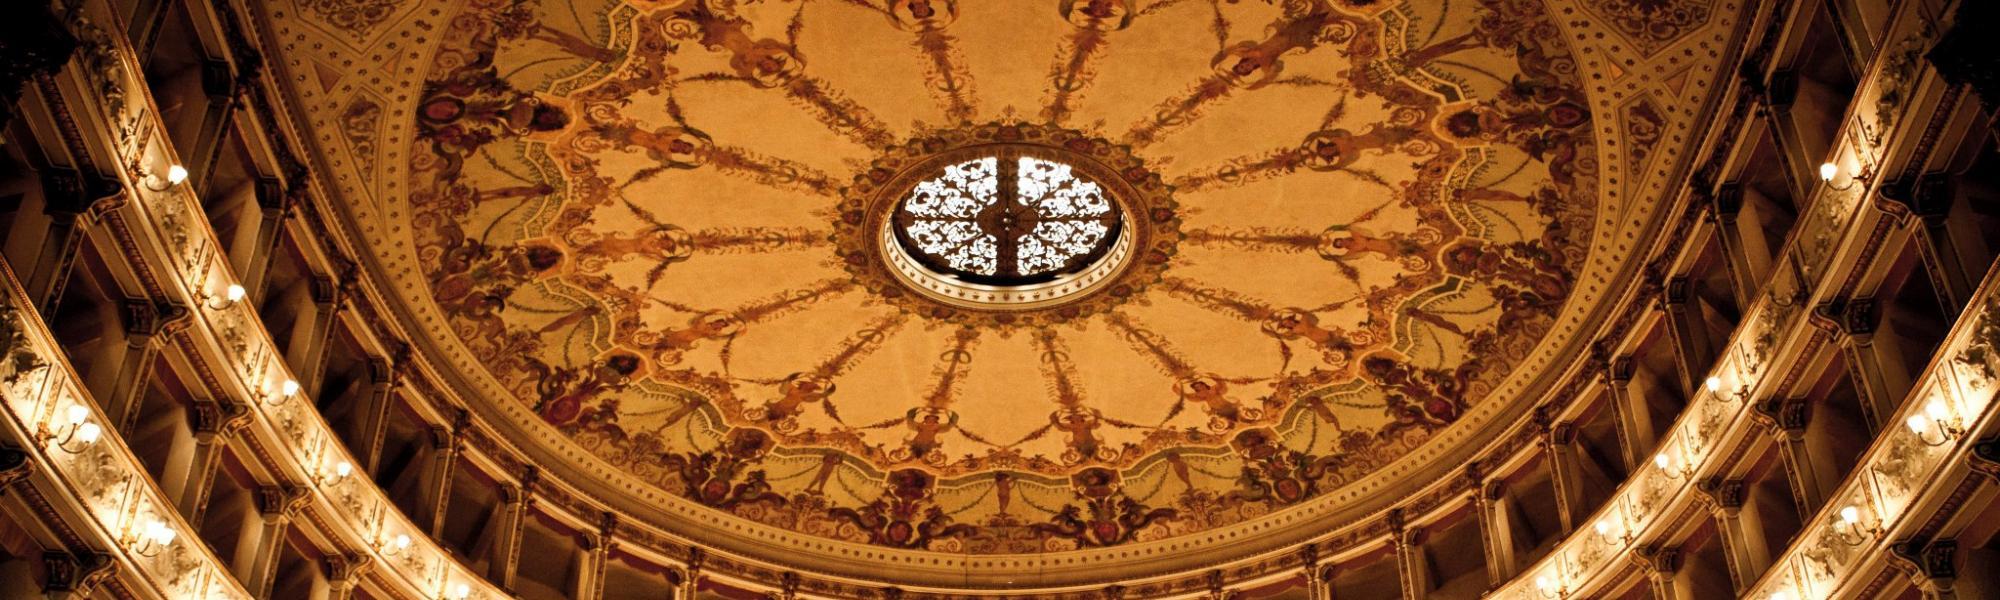 Interno, decorazione soffitto - Teatro Verdi (M. D'Amato)